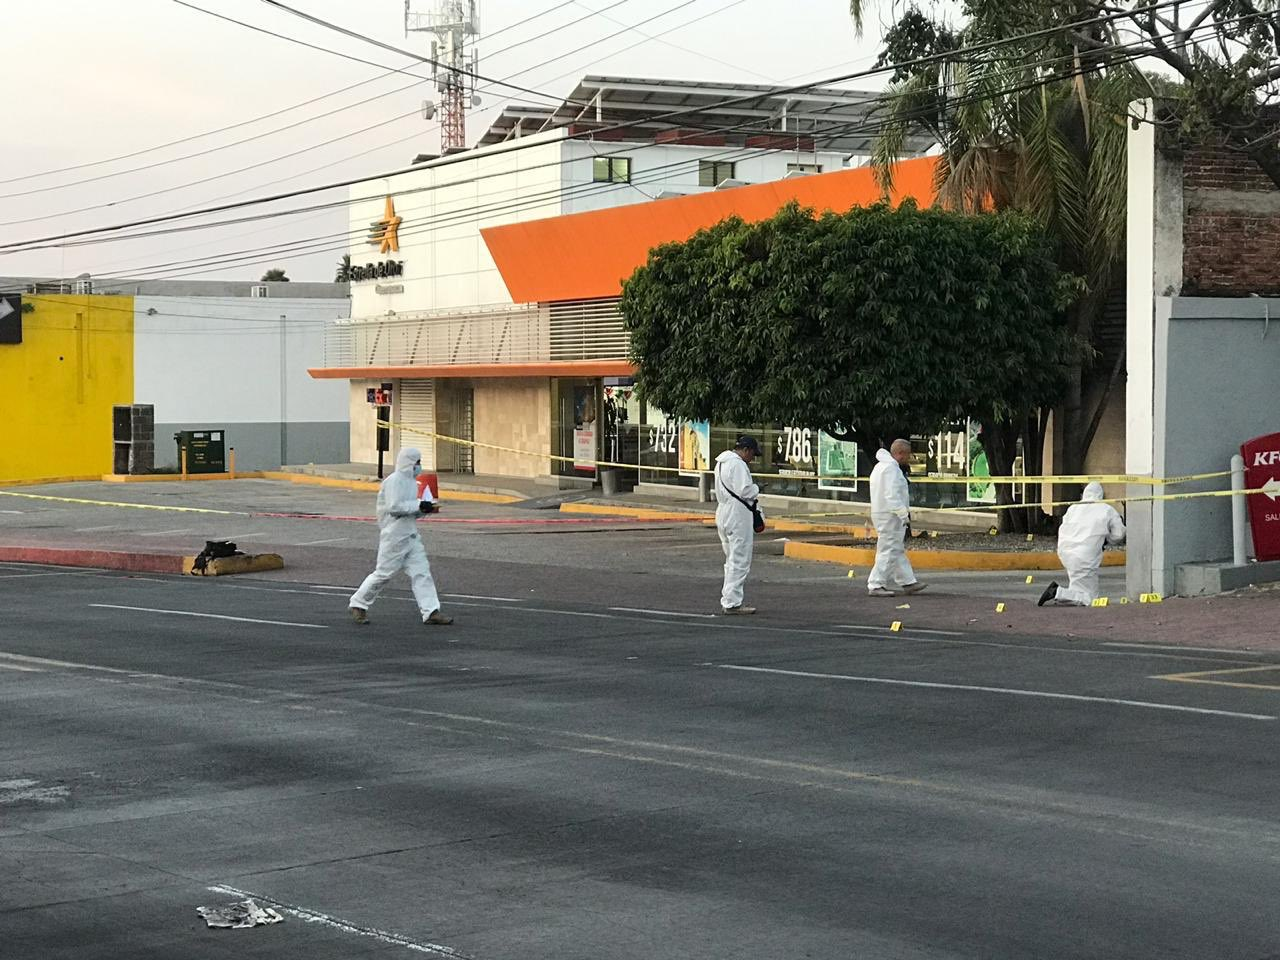 Cuernavaca, central de autobuses, ataque armado, homicidio